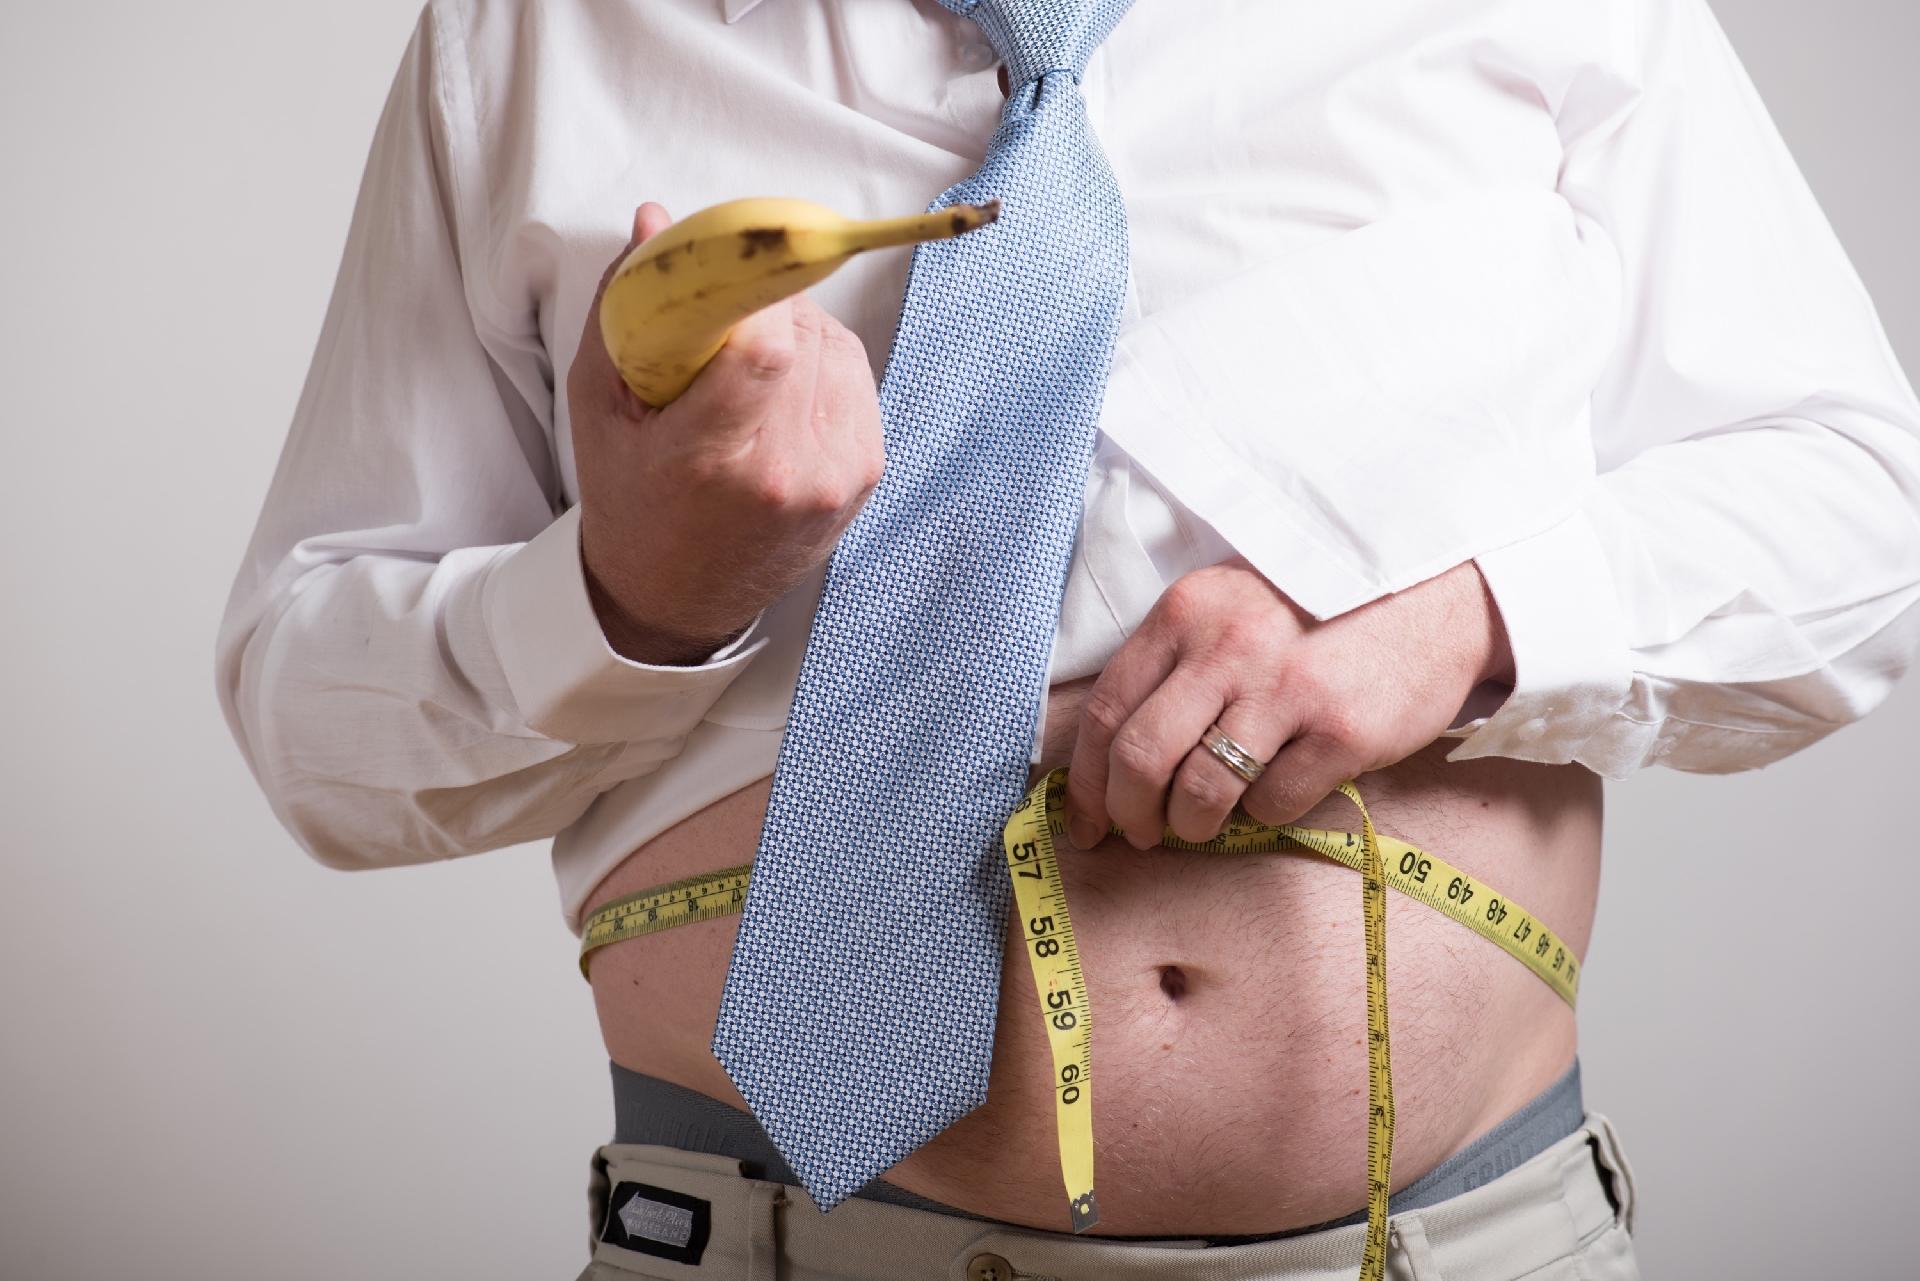 糖尿病 食べてはいけないもの